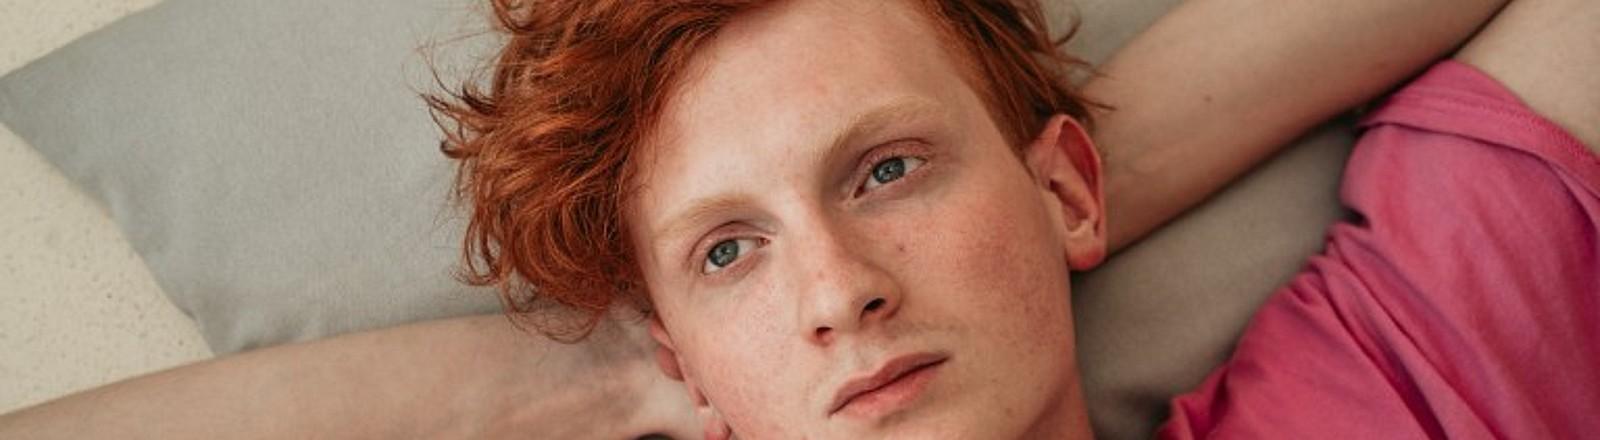 Junger Mann mit roten Haaren und pinkem Tshirt liegt auf dem Bett, schaut gedankenverloren nach oben an die Decke.